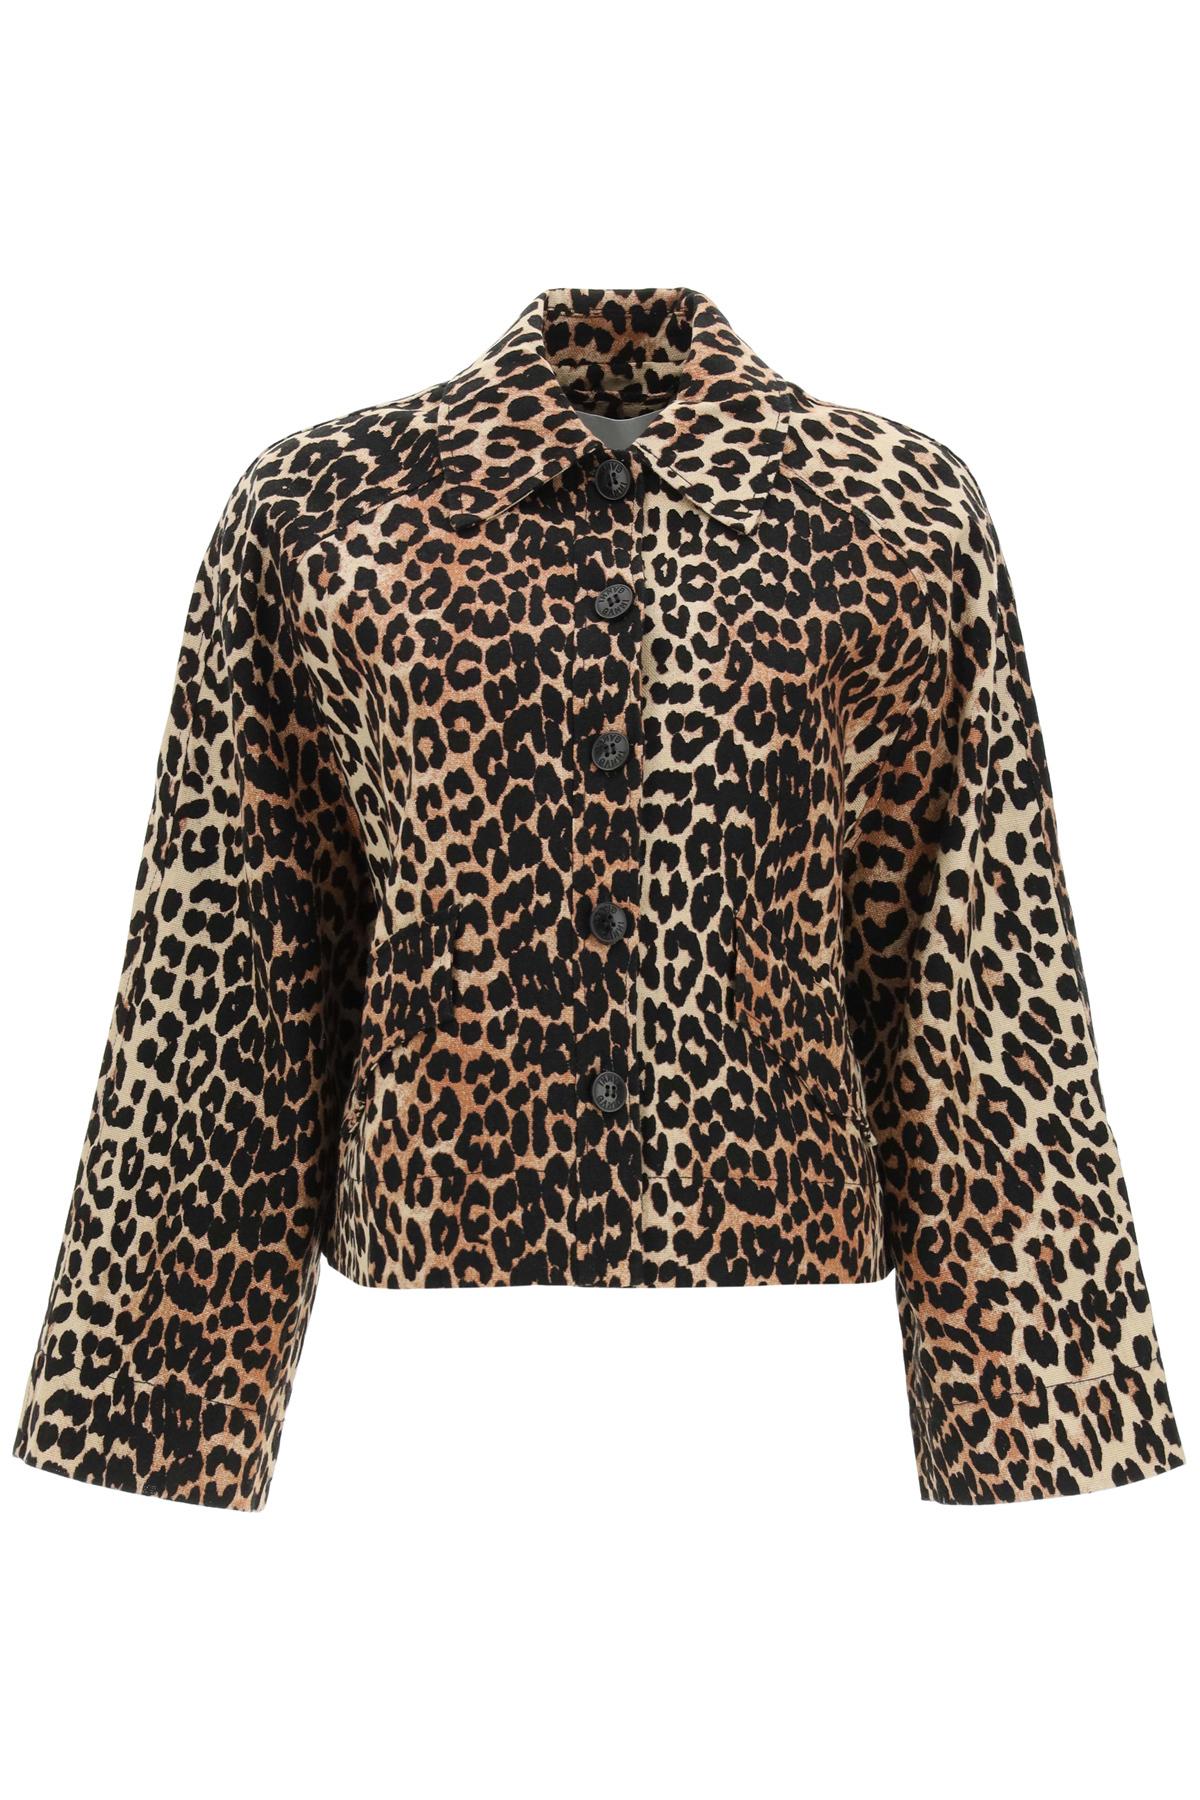 Ganni giacca in misto lino leopard